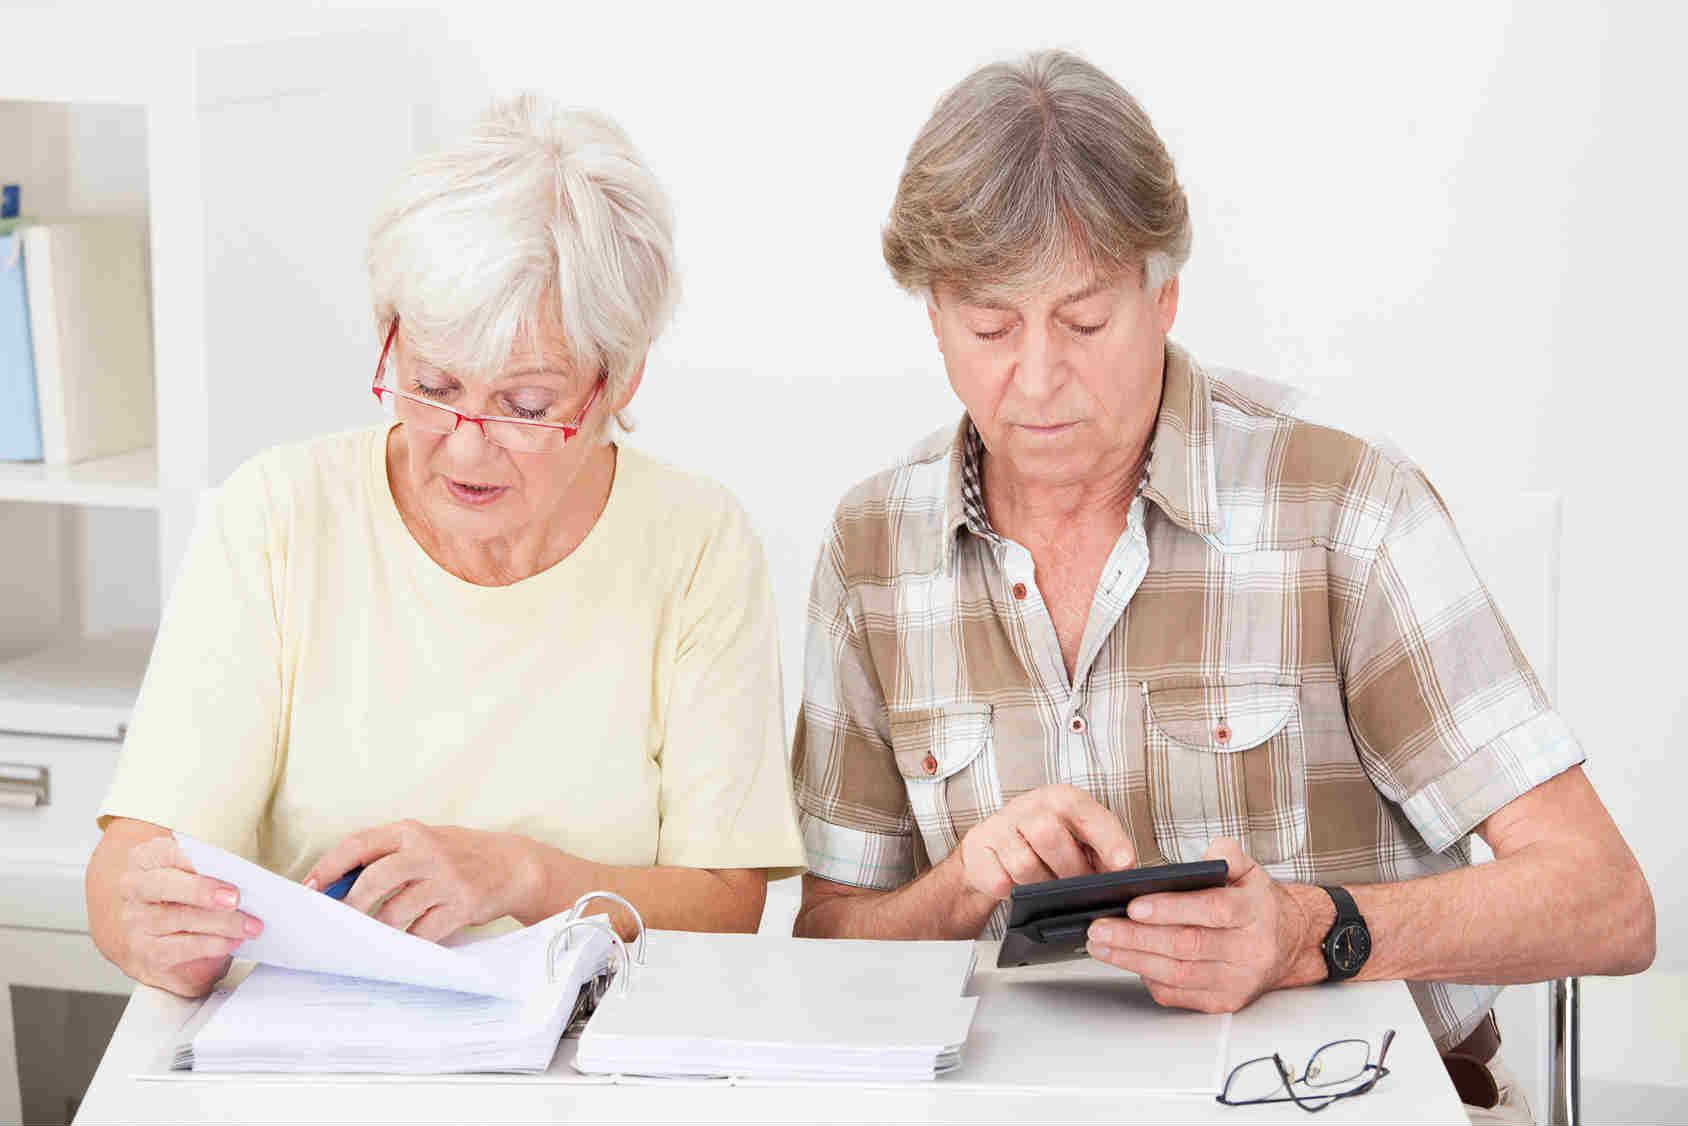 Ямальская пенсия пенсионерам новый уренгой